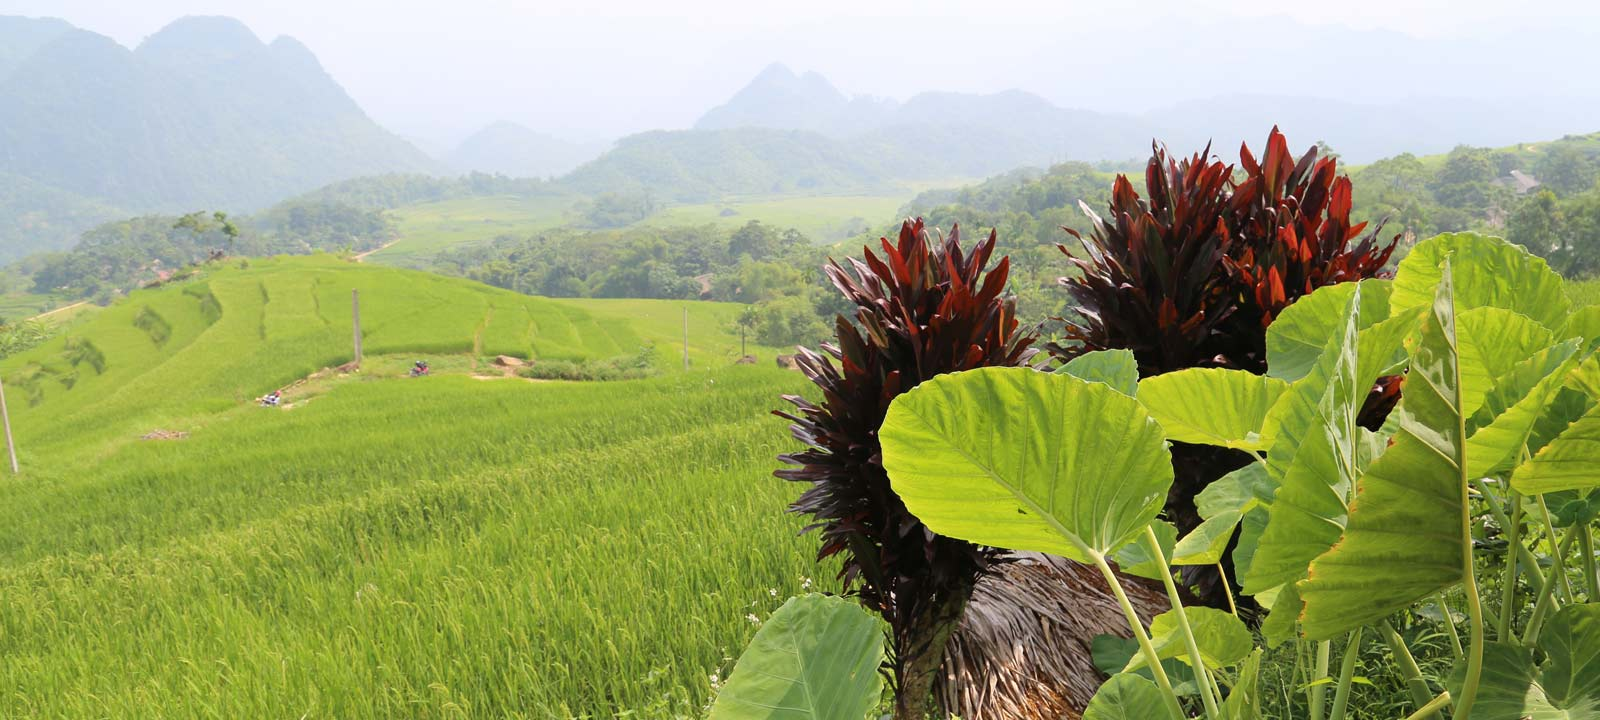 Réserve naturelle de Pu Luong